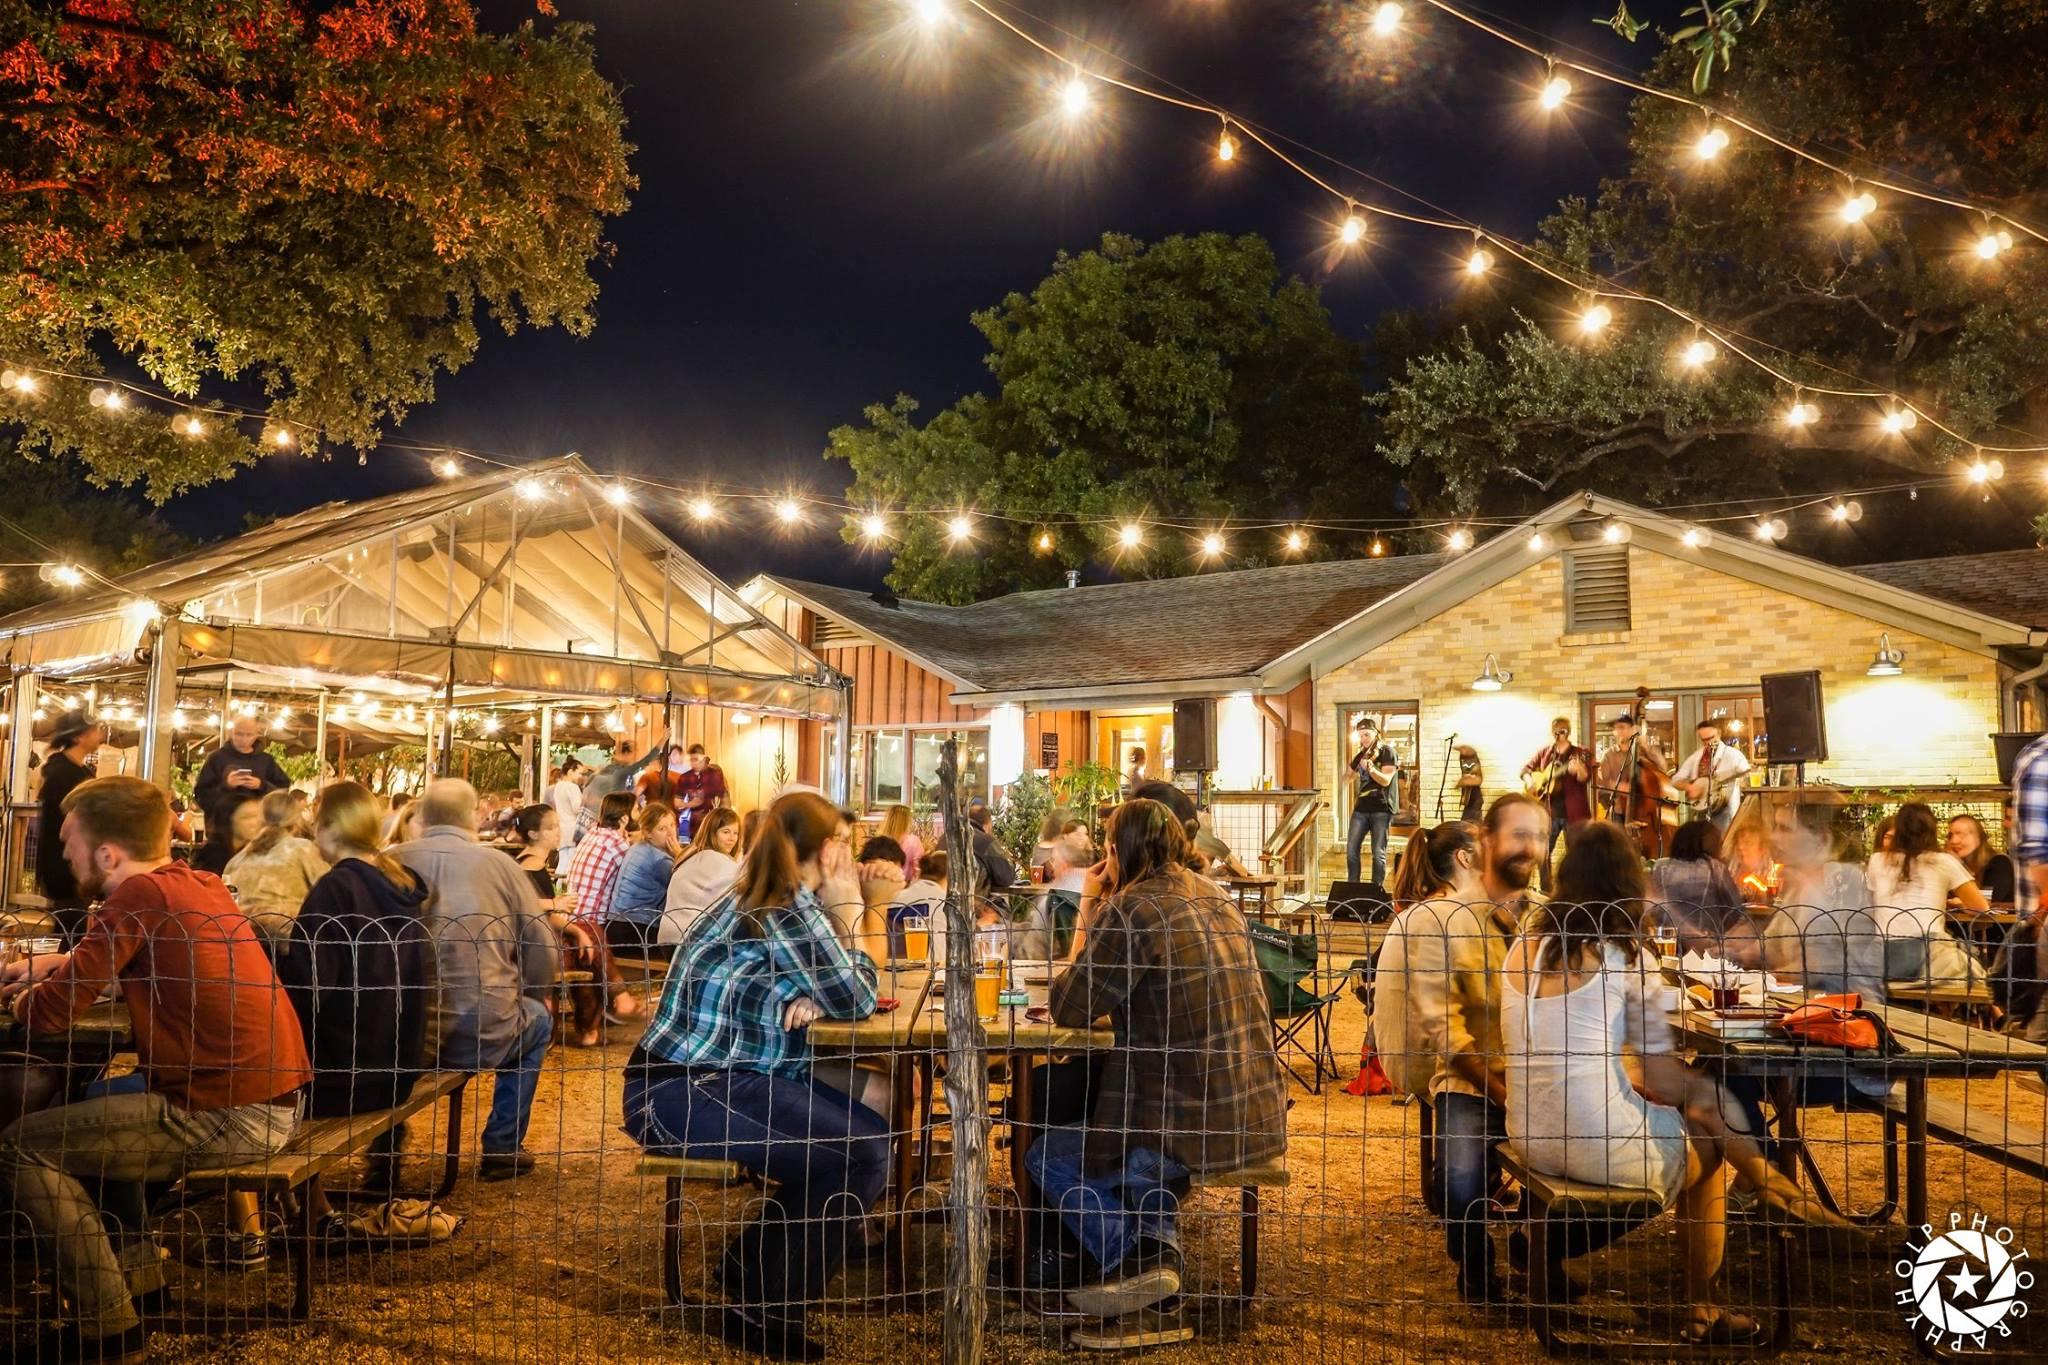 Bluegrass Night - 4204 Manchaca Rd, Austin, TX 78704